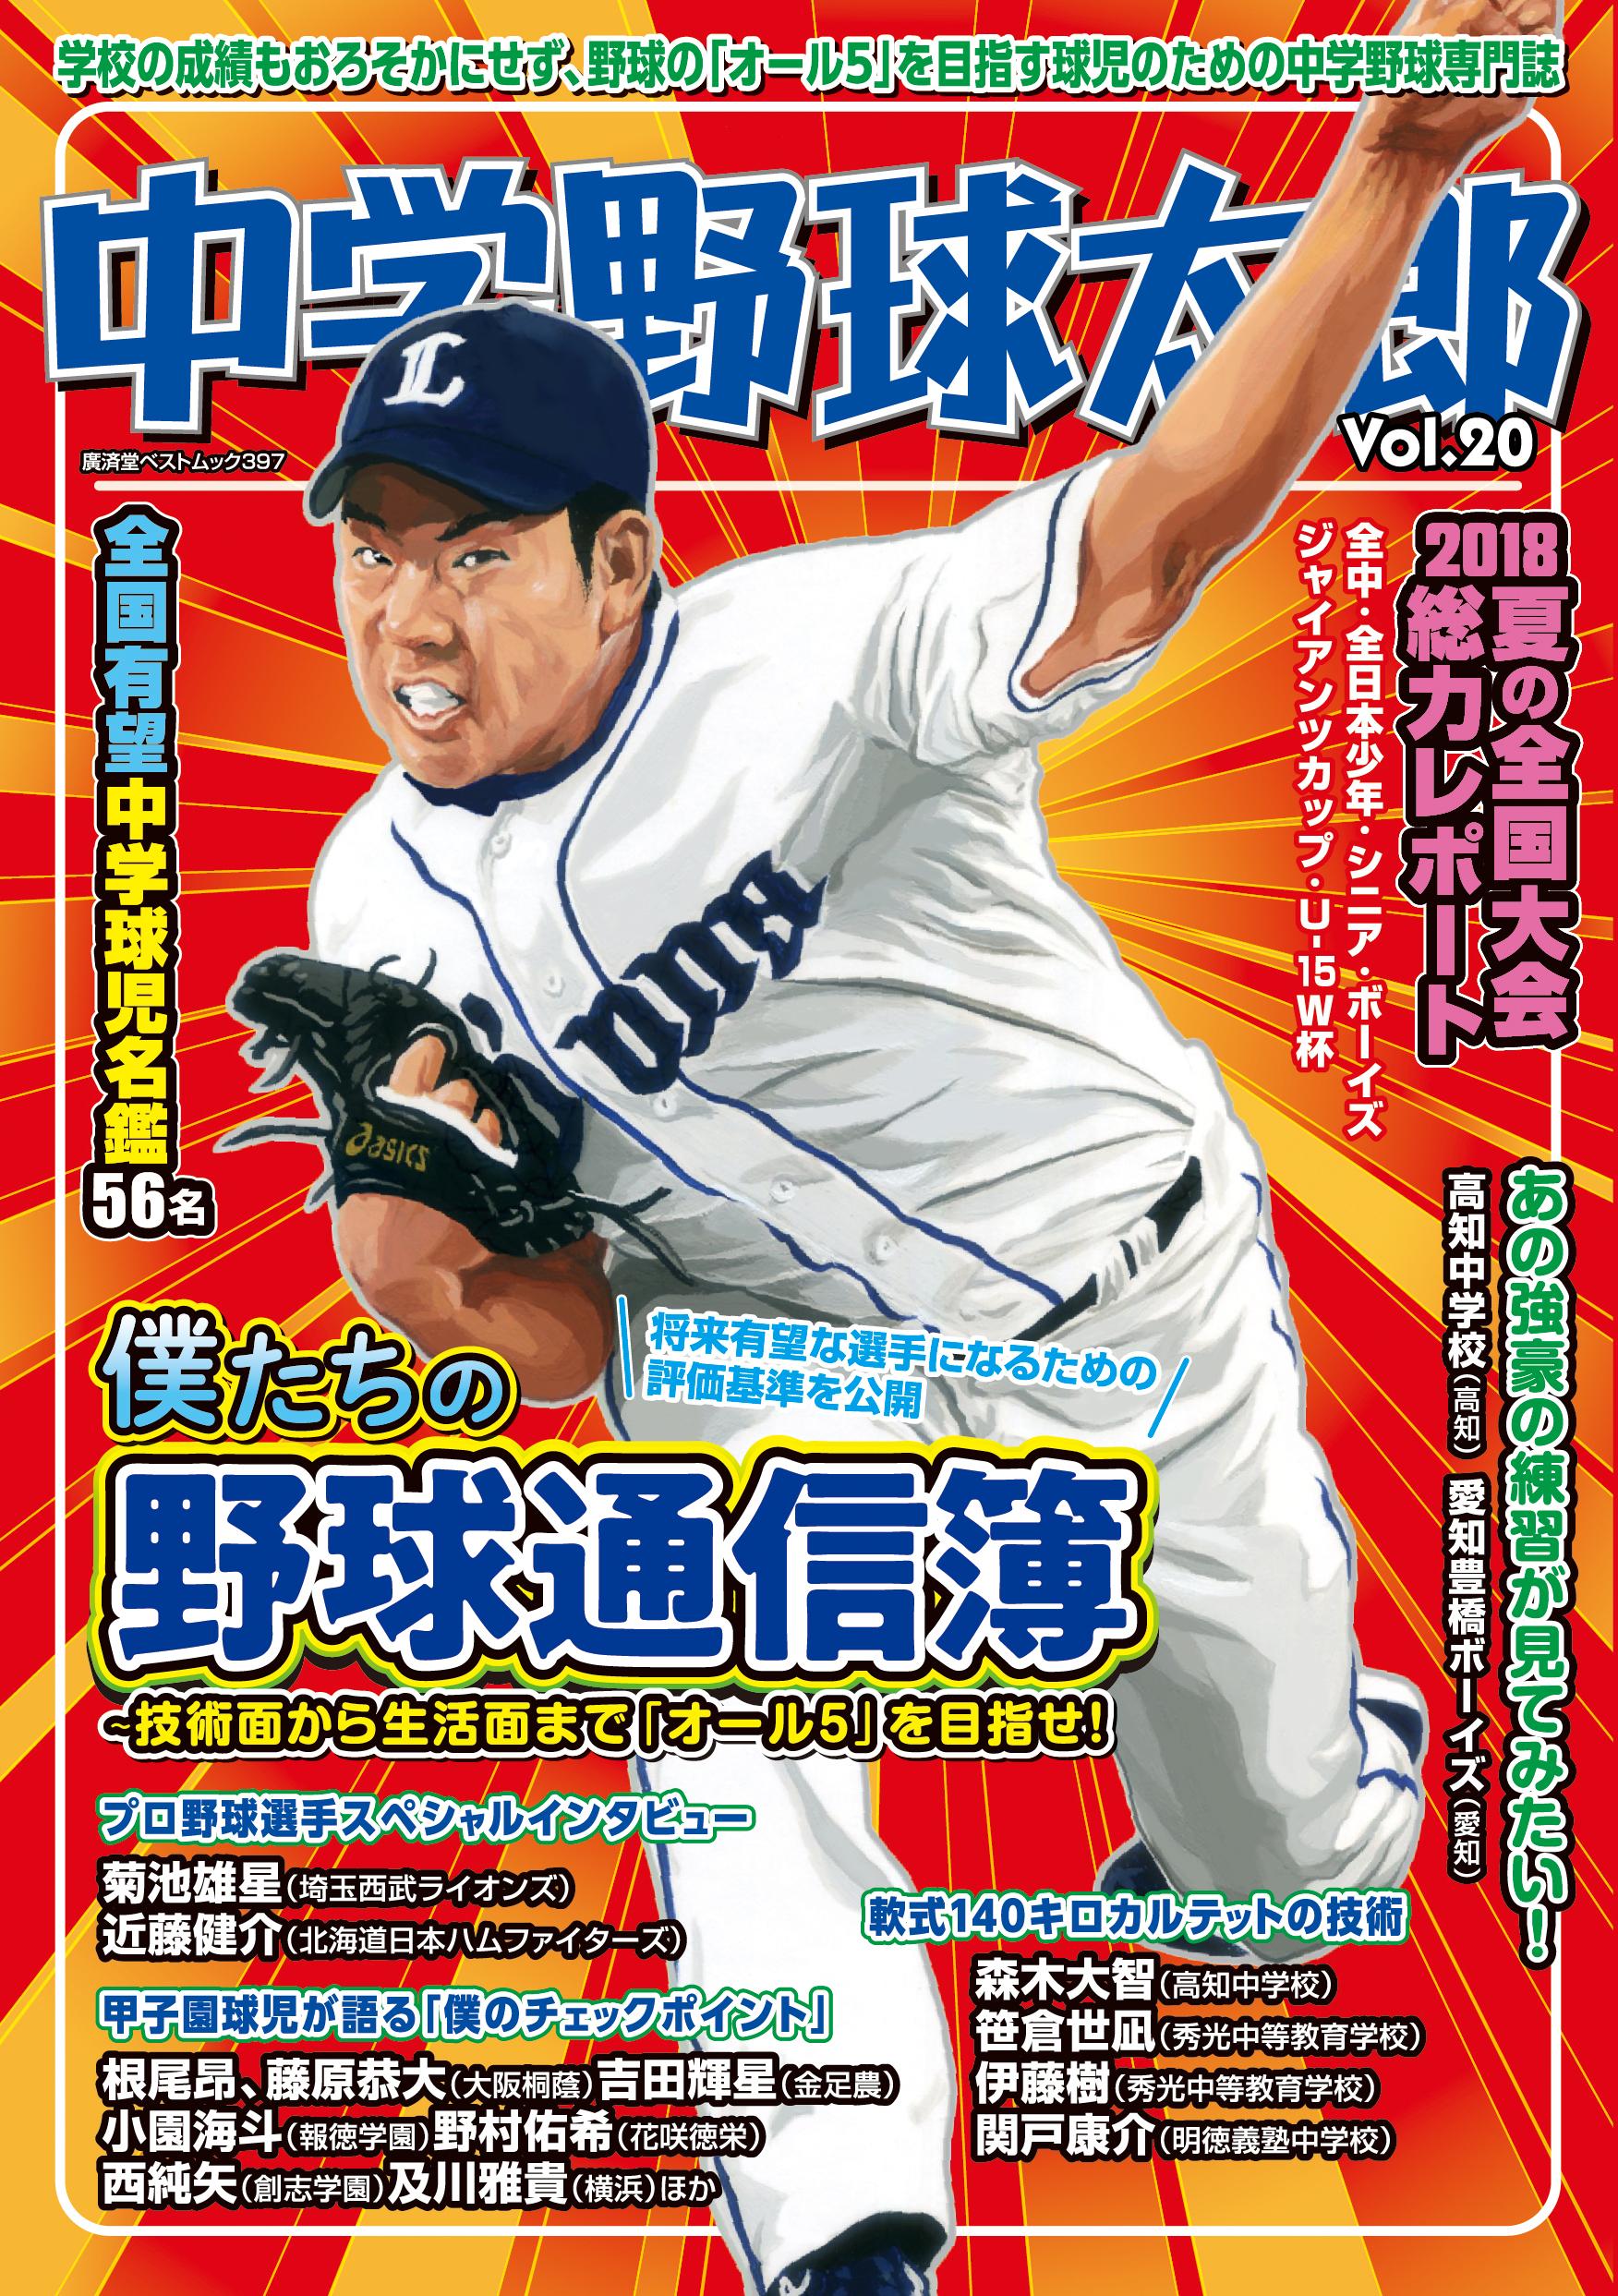 『中学野球太郎 VOL.20 僕たちの野球通信簿』詳細情報&webで立ち読みもできます